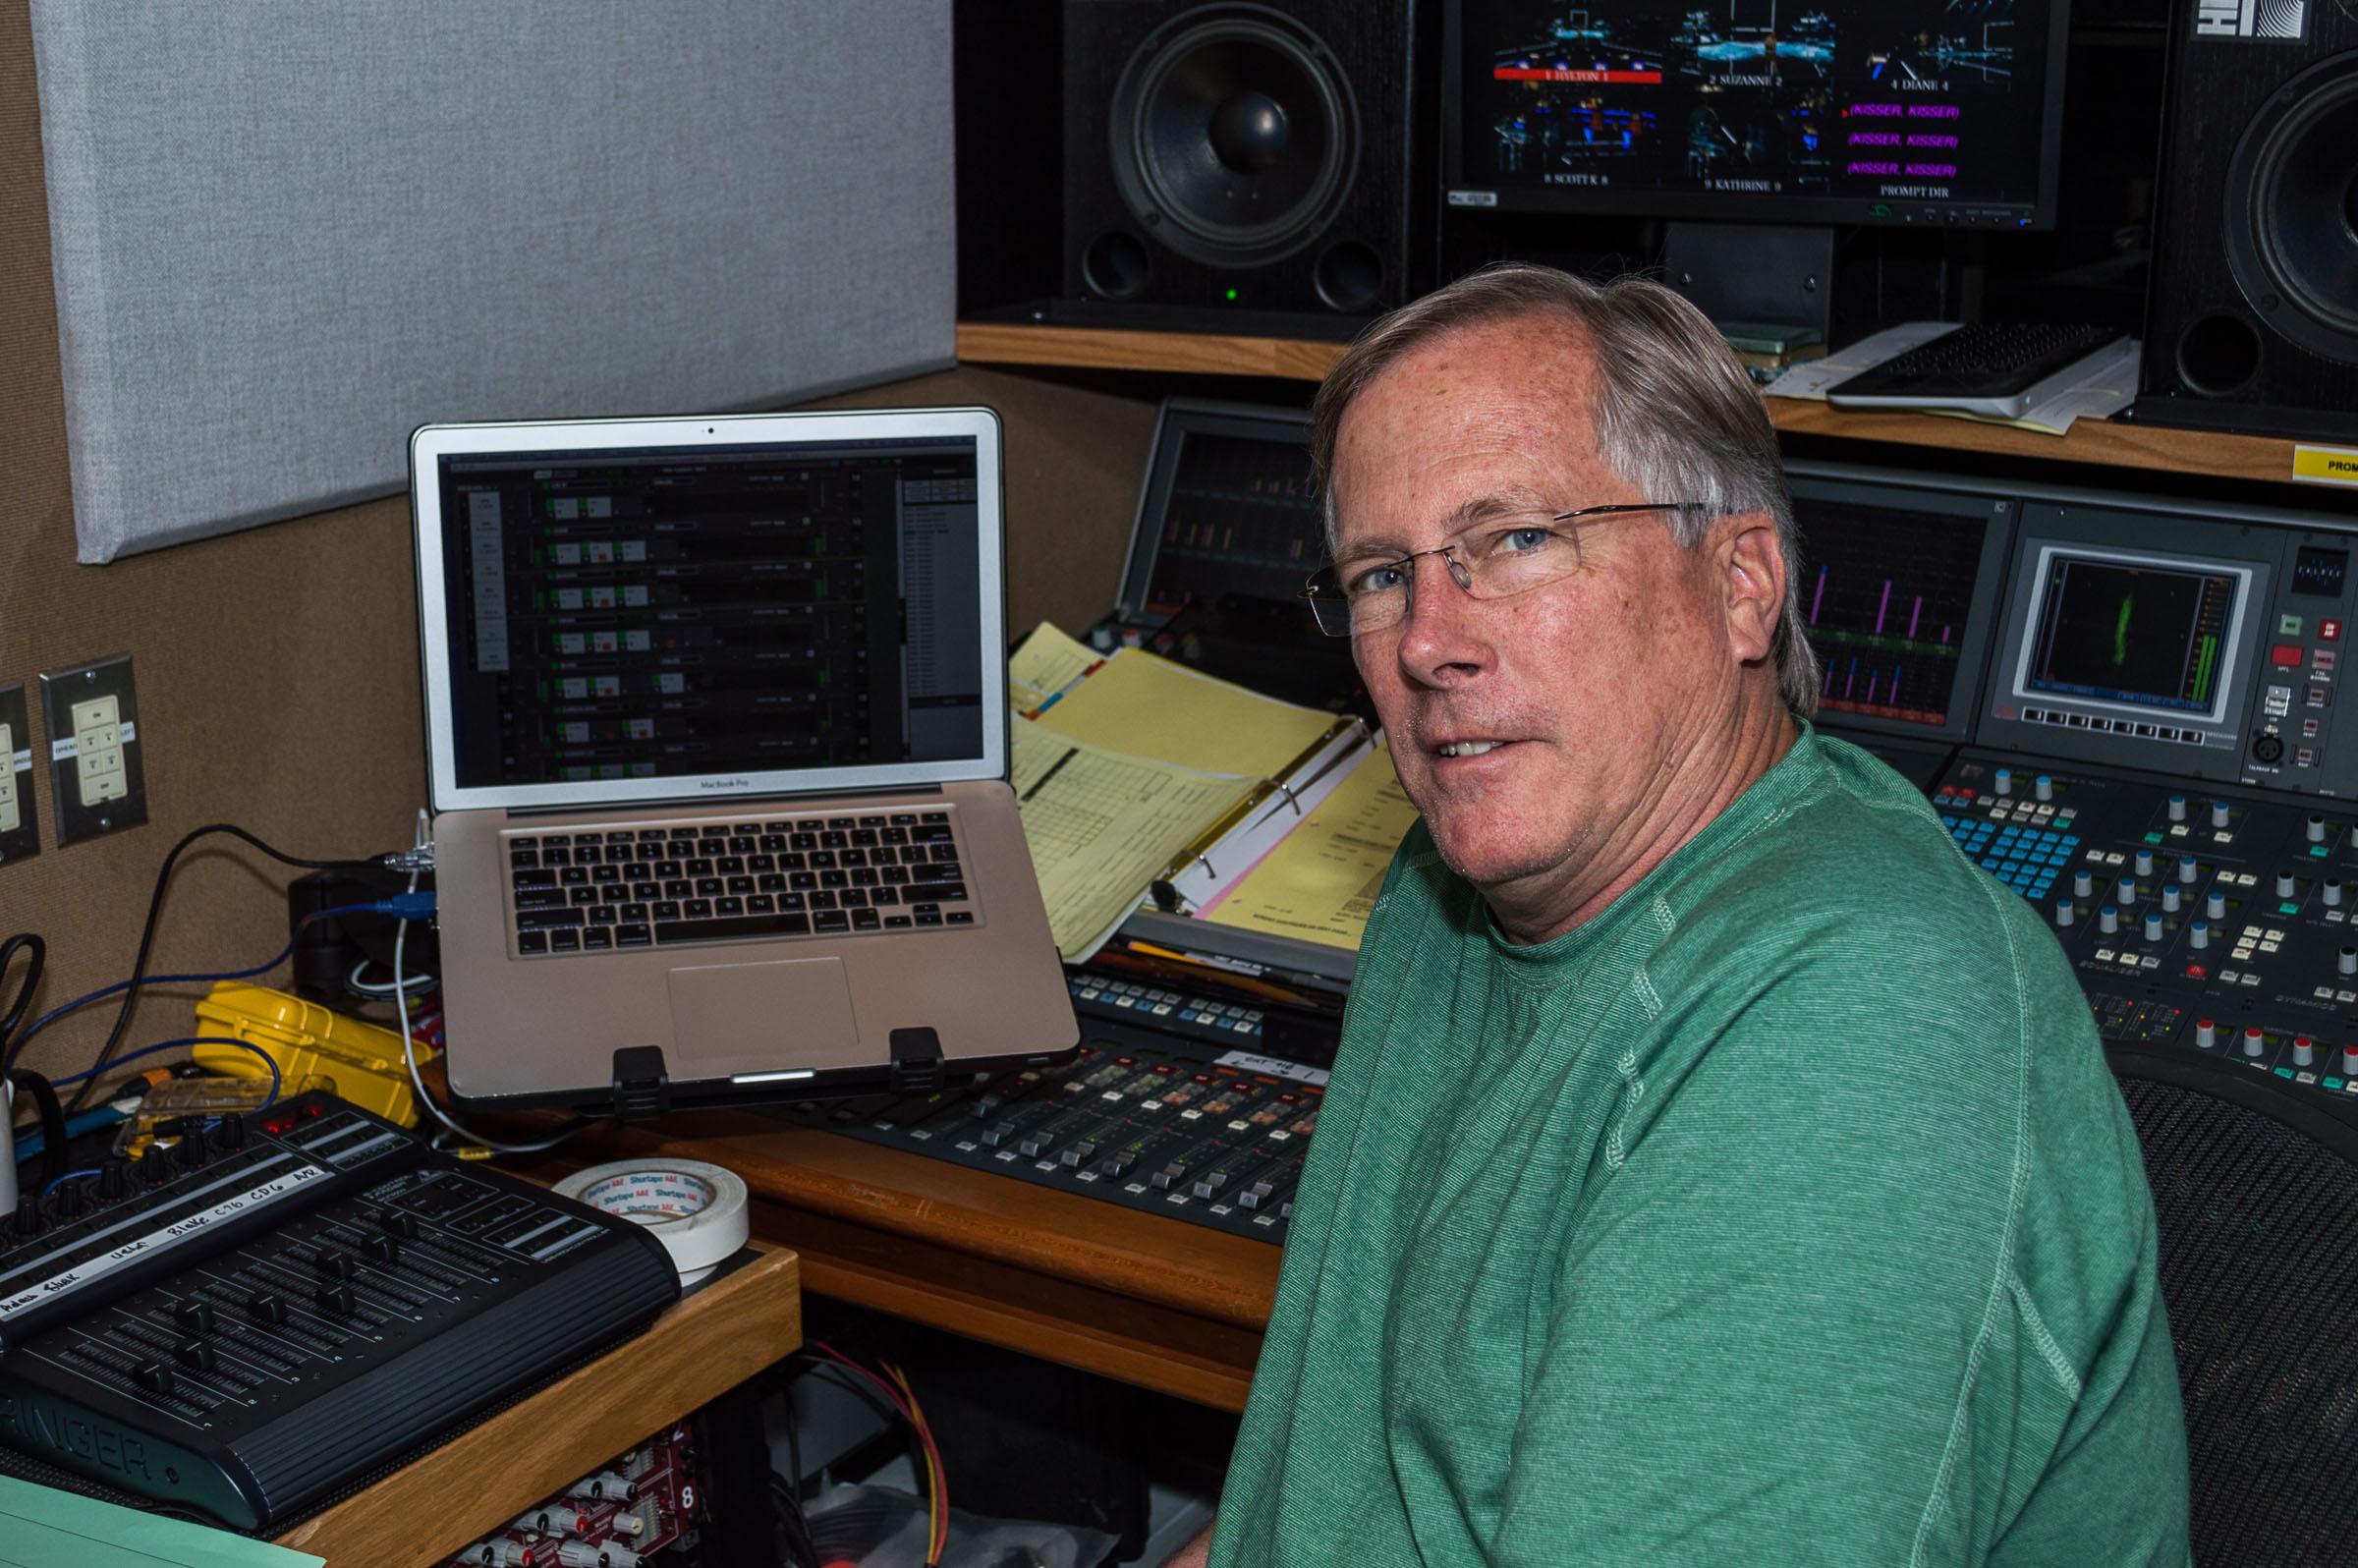 http://www.clynemedia.com/waves/Abbott/MichaelAbbott.jpg